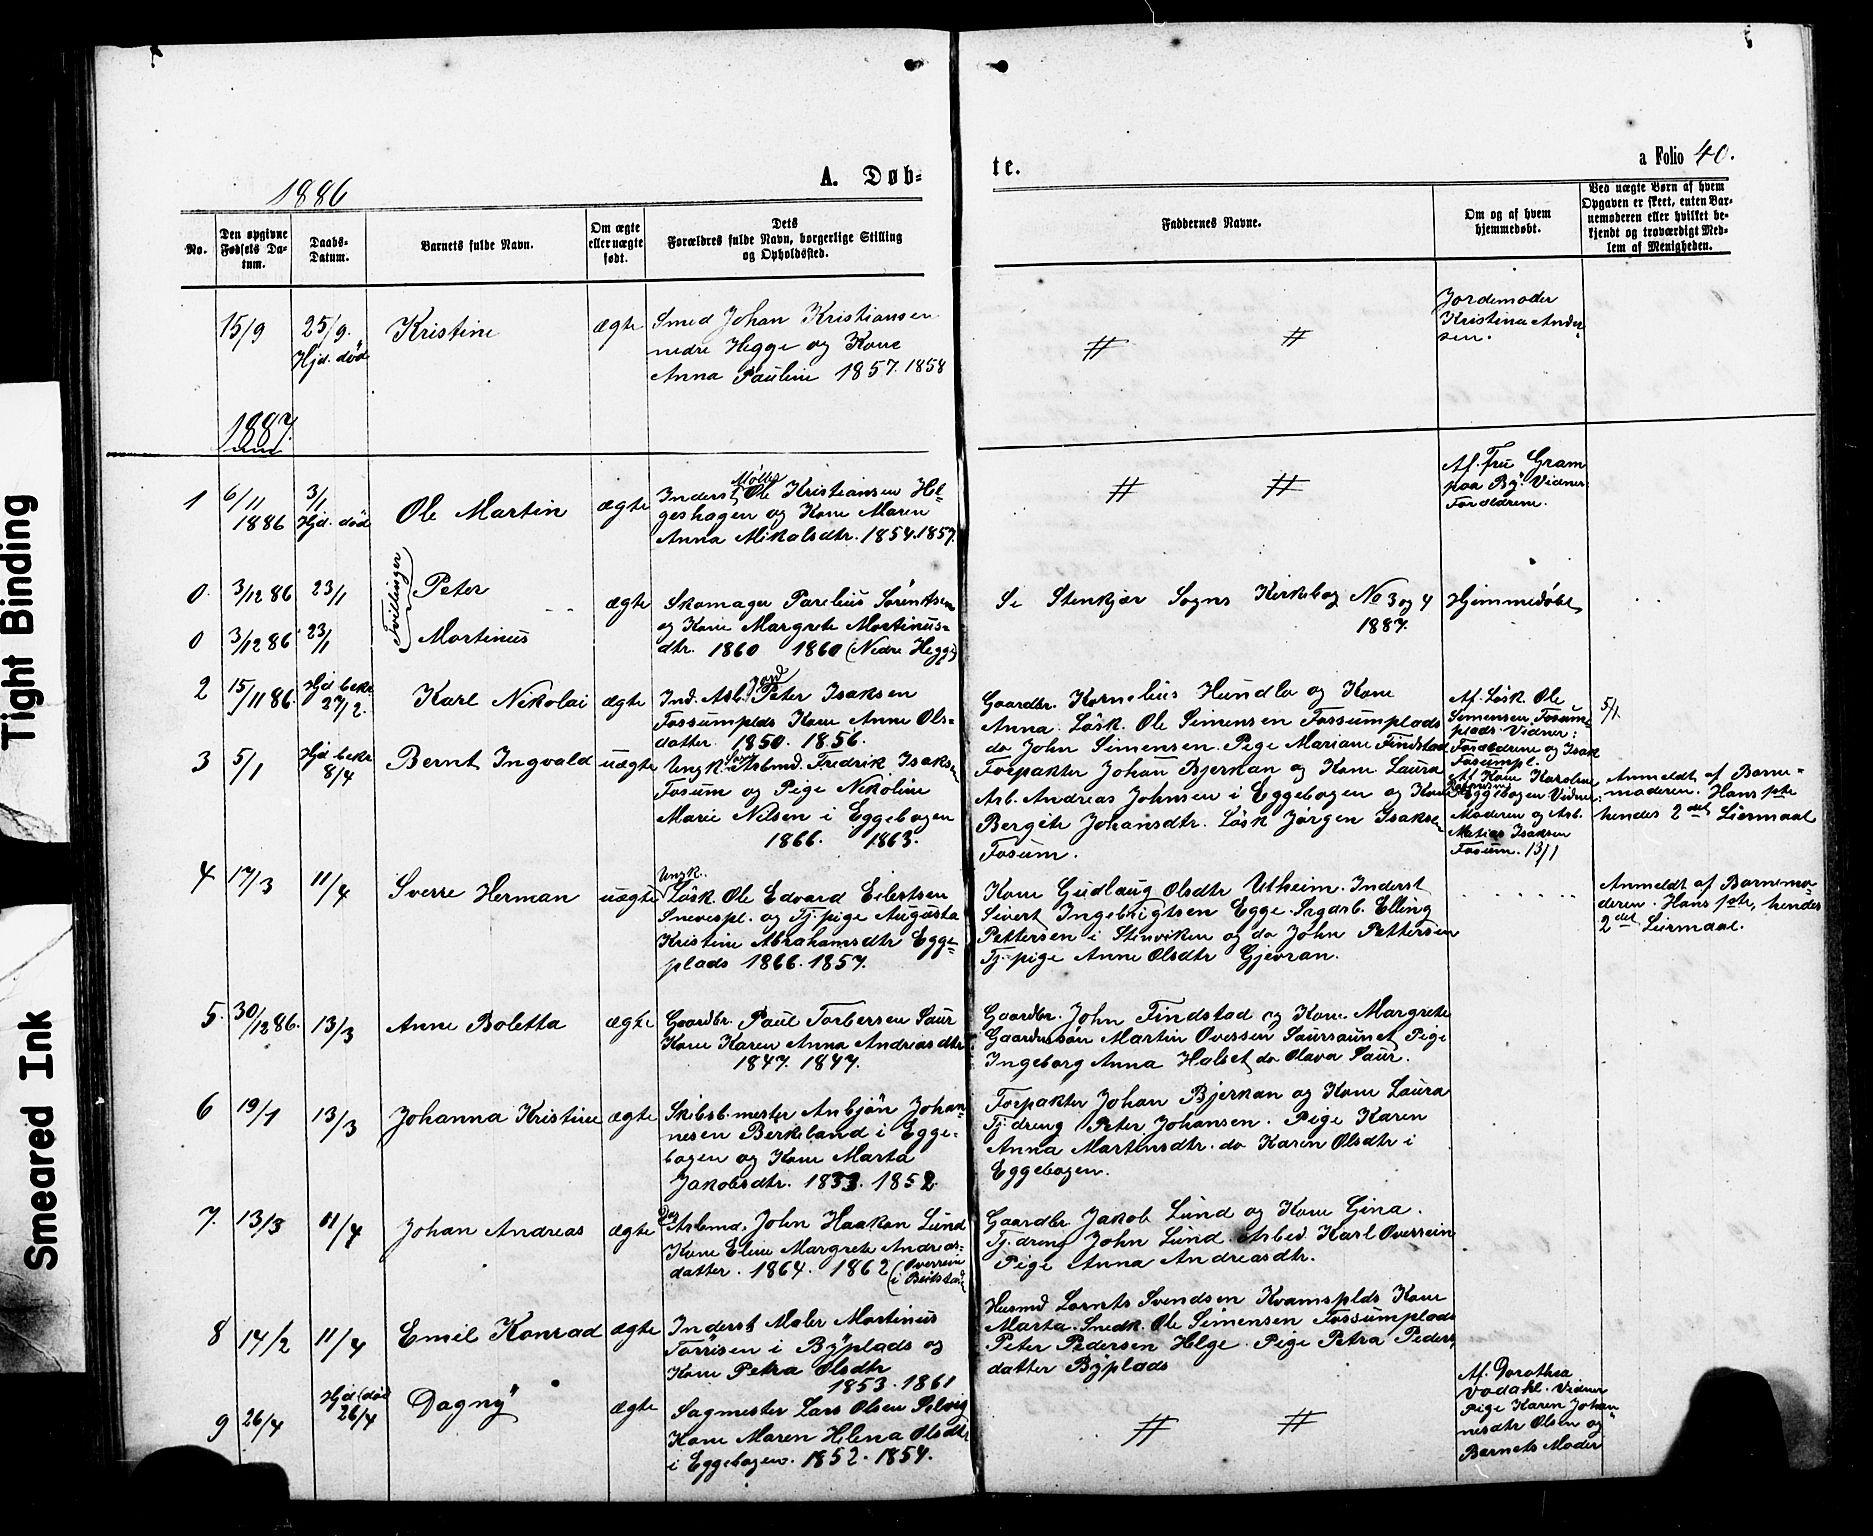 SAT, Ministerialprotokoller, klokkerbøker og fødselsregistre - Nord-Trøndelag, 740/L0380: Klokkerbok nr. 740C01, 1868-1902, s. 40